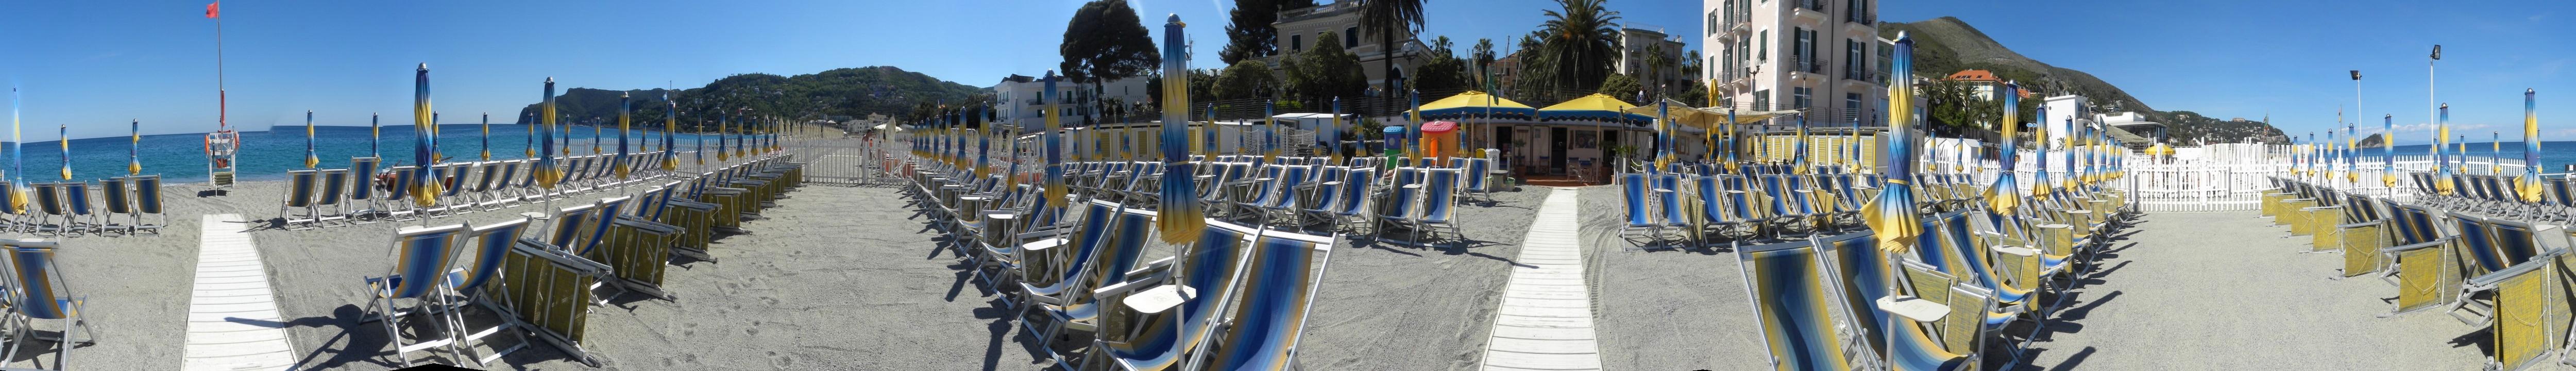 Benvenuti ai Bagni Cerutti di Spotorno, nella Riviera Ligure di Ponente. Qua troverete spiaggia, sole e mare che faranno delle vostre vacanze un momento indimenticabile. Veniteci a trovare, VI ASPETTIAMO ! P.S. Clicca sulla freccia bianca in basso a destra per altri scenari.